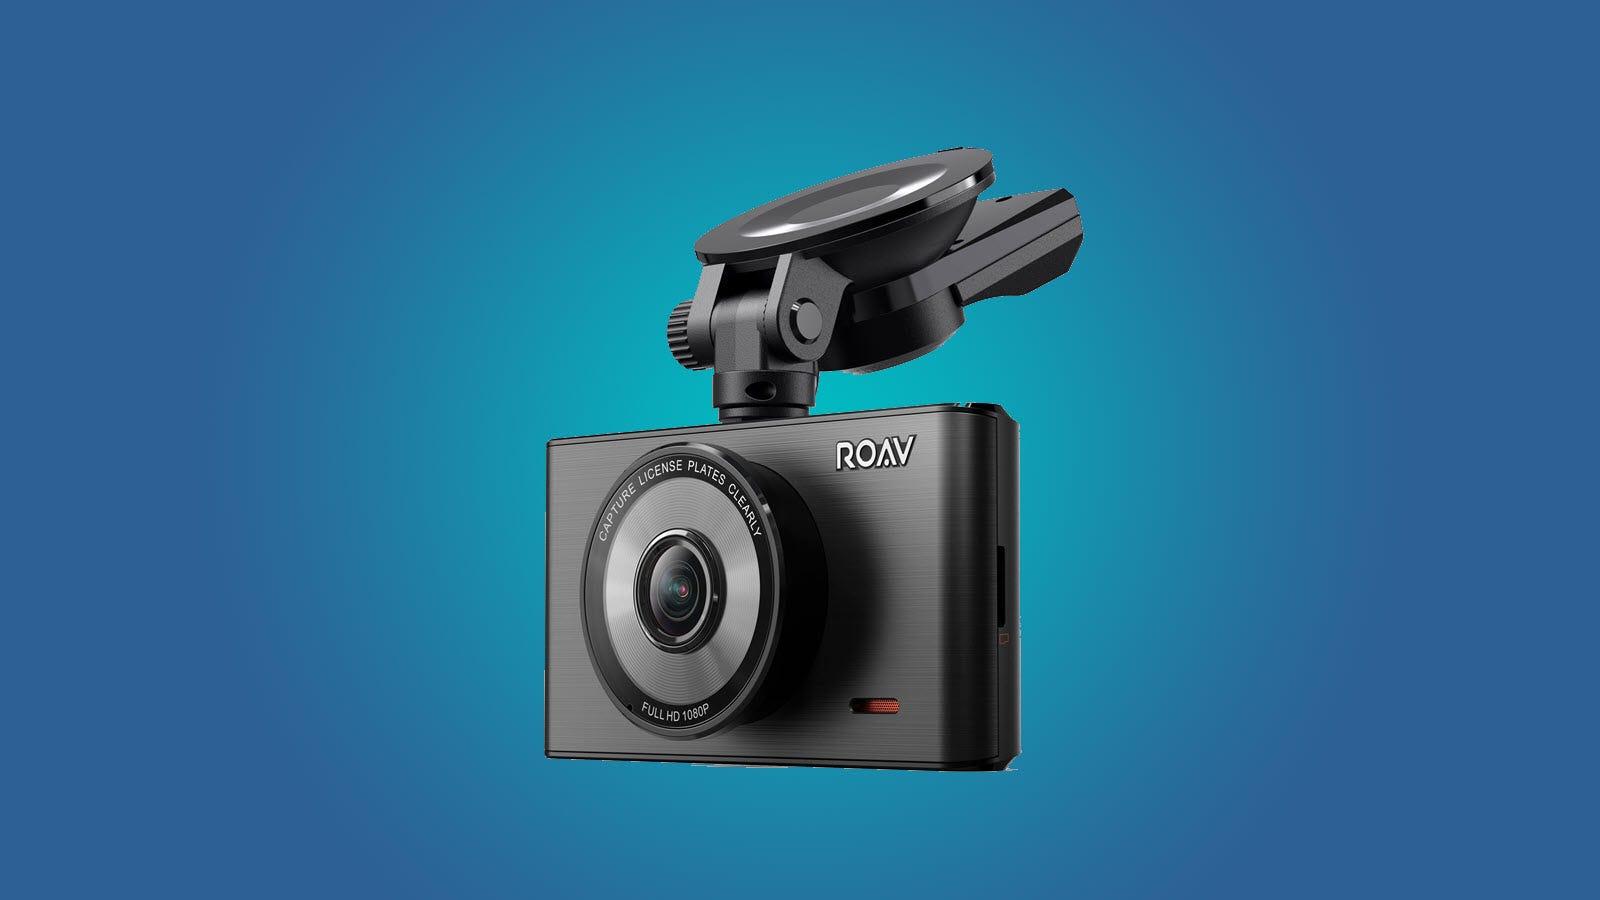 Deal Alert: Erhalten Sie eine Anker Roav Dash Cam für 40 $ Rabatt (110 $)